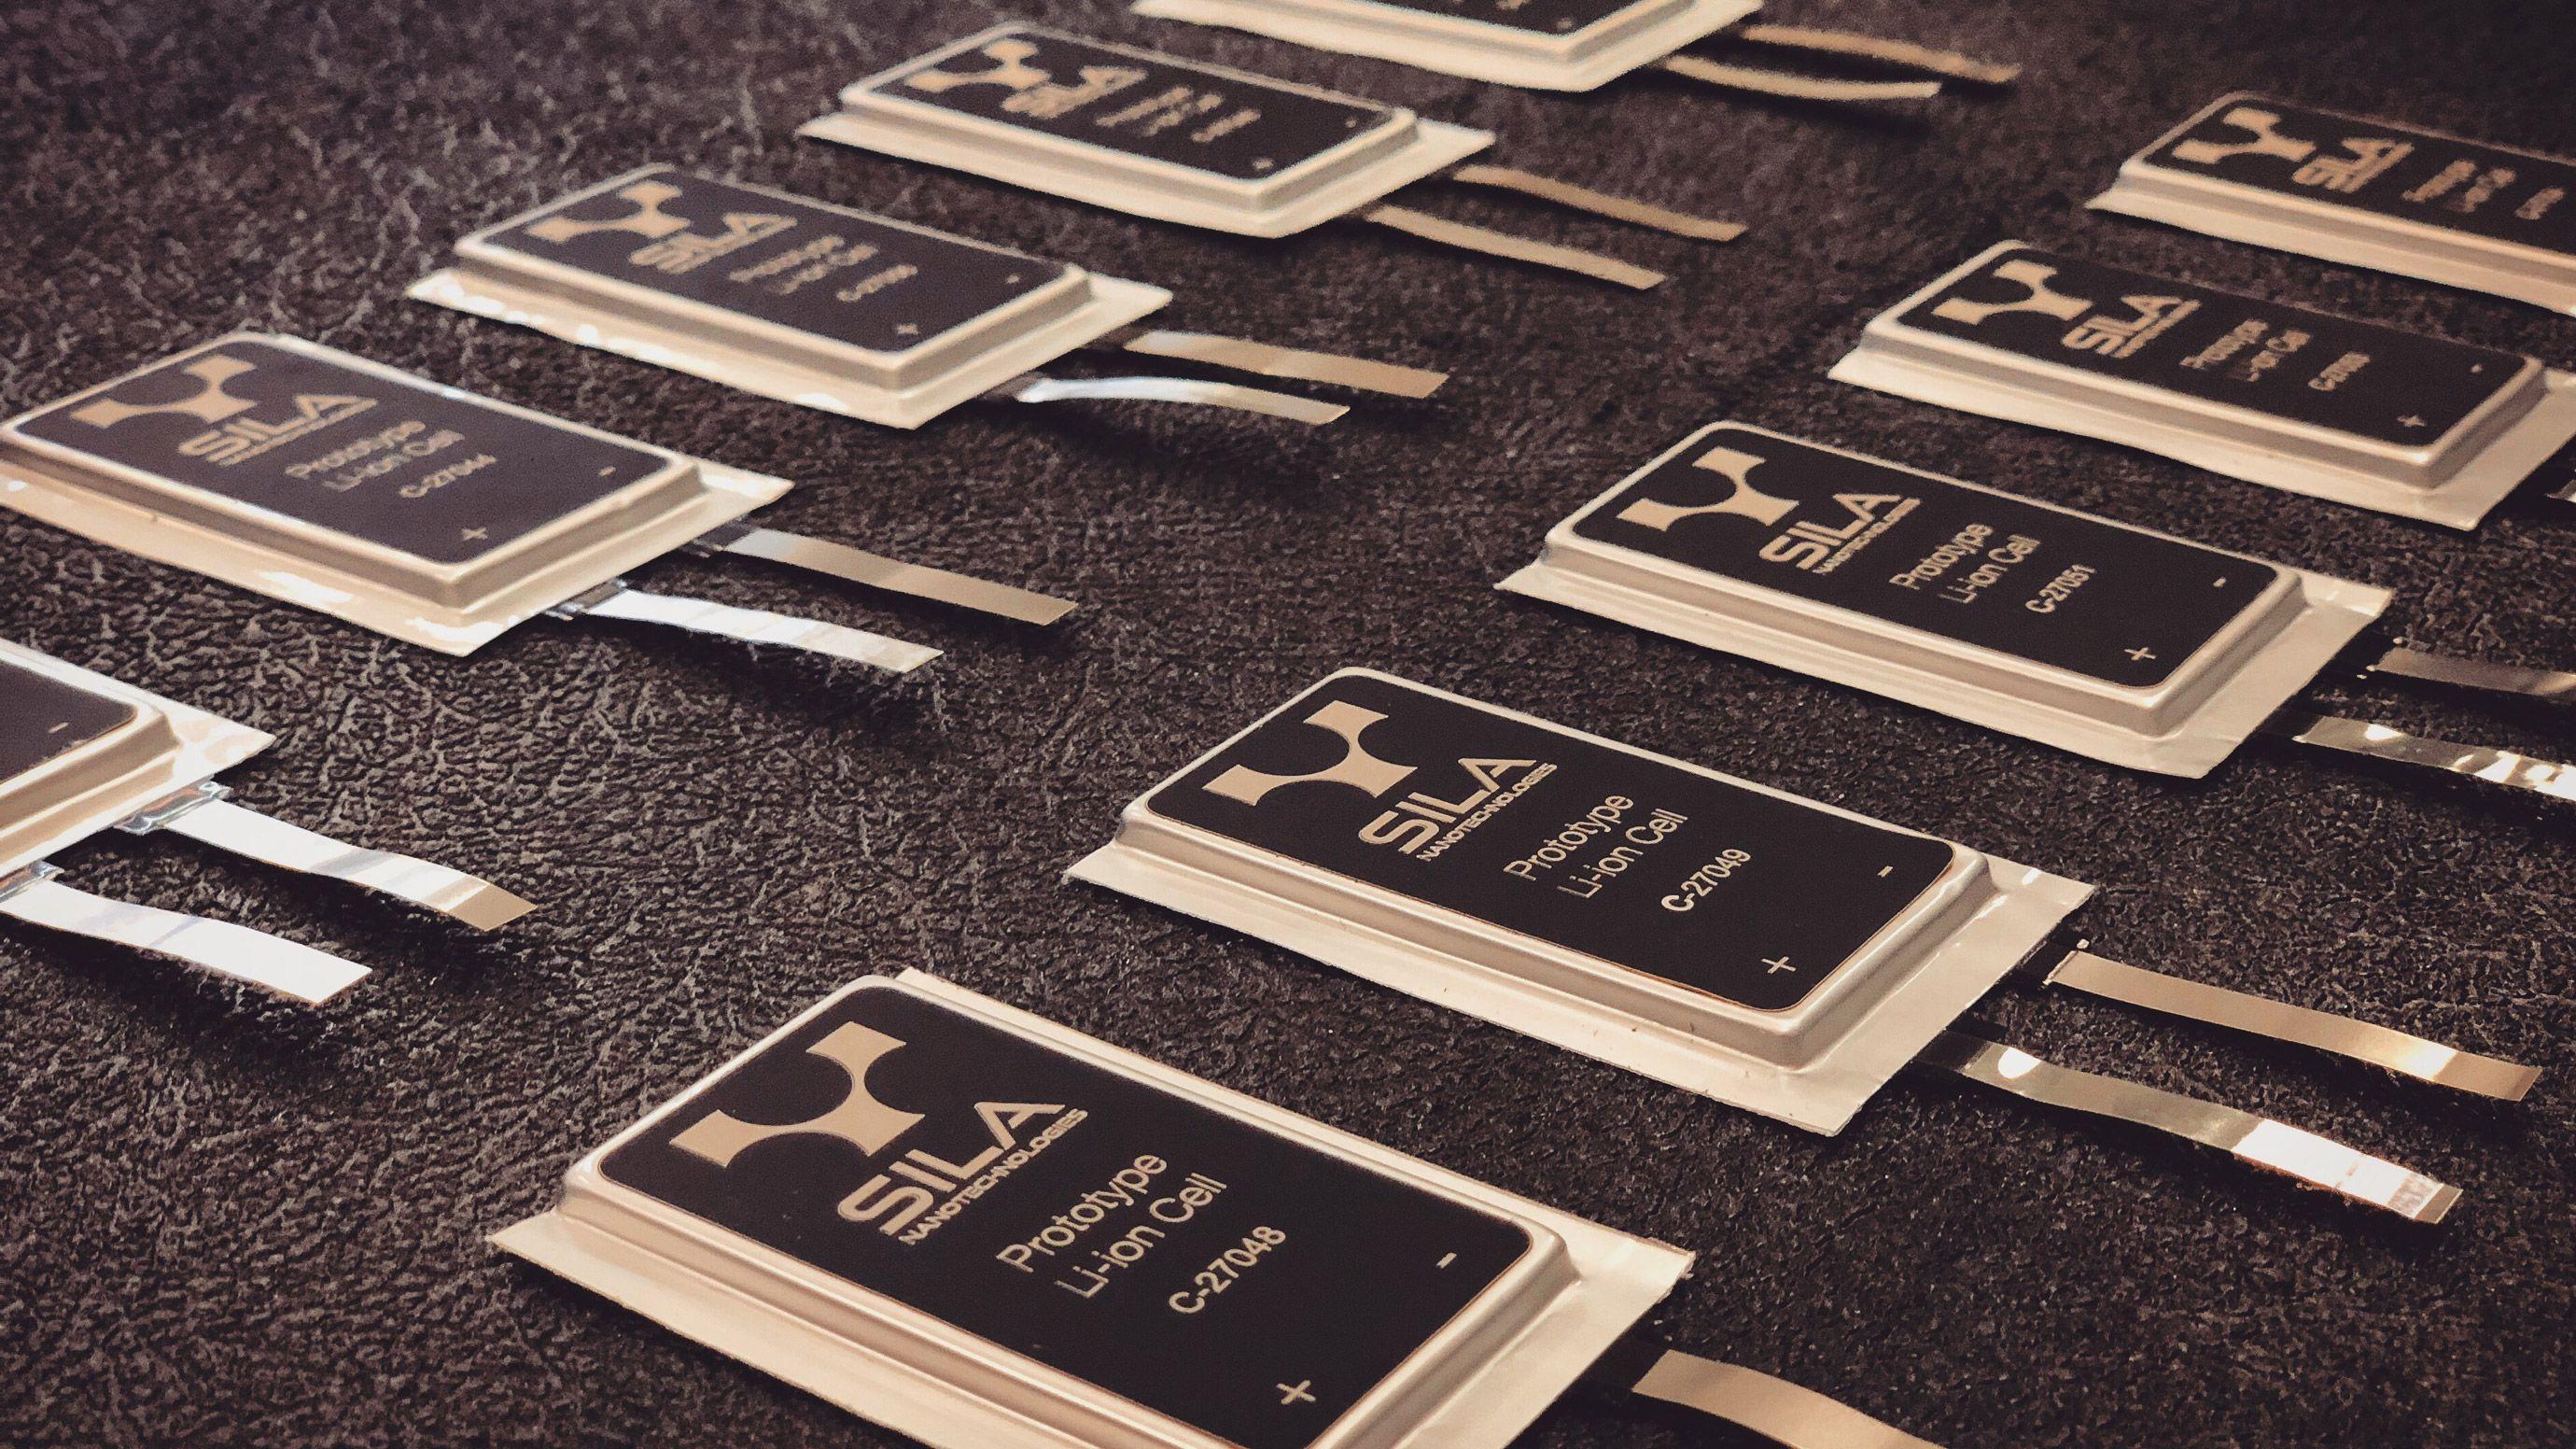 リチウムイオン電池の性能を2桁向上、BMWが採用決めた新素材